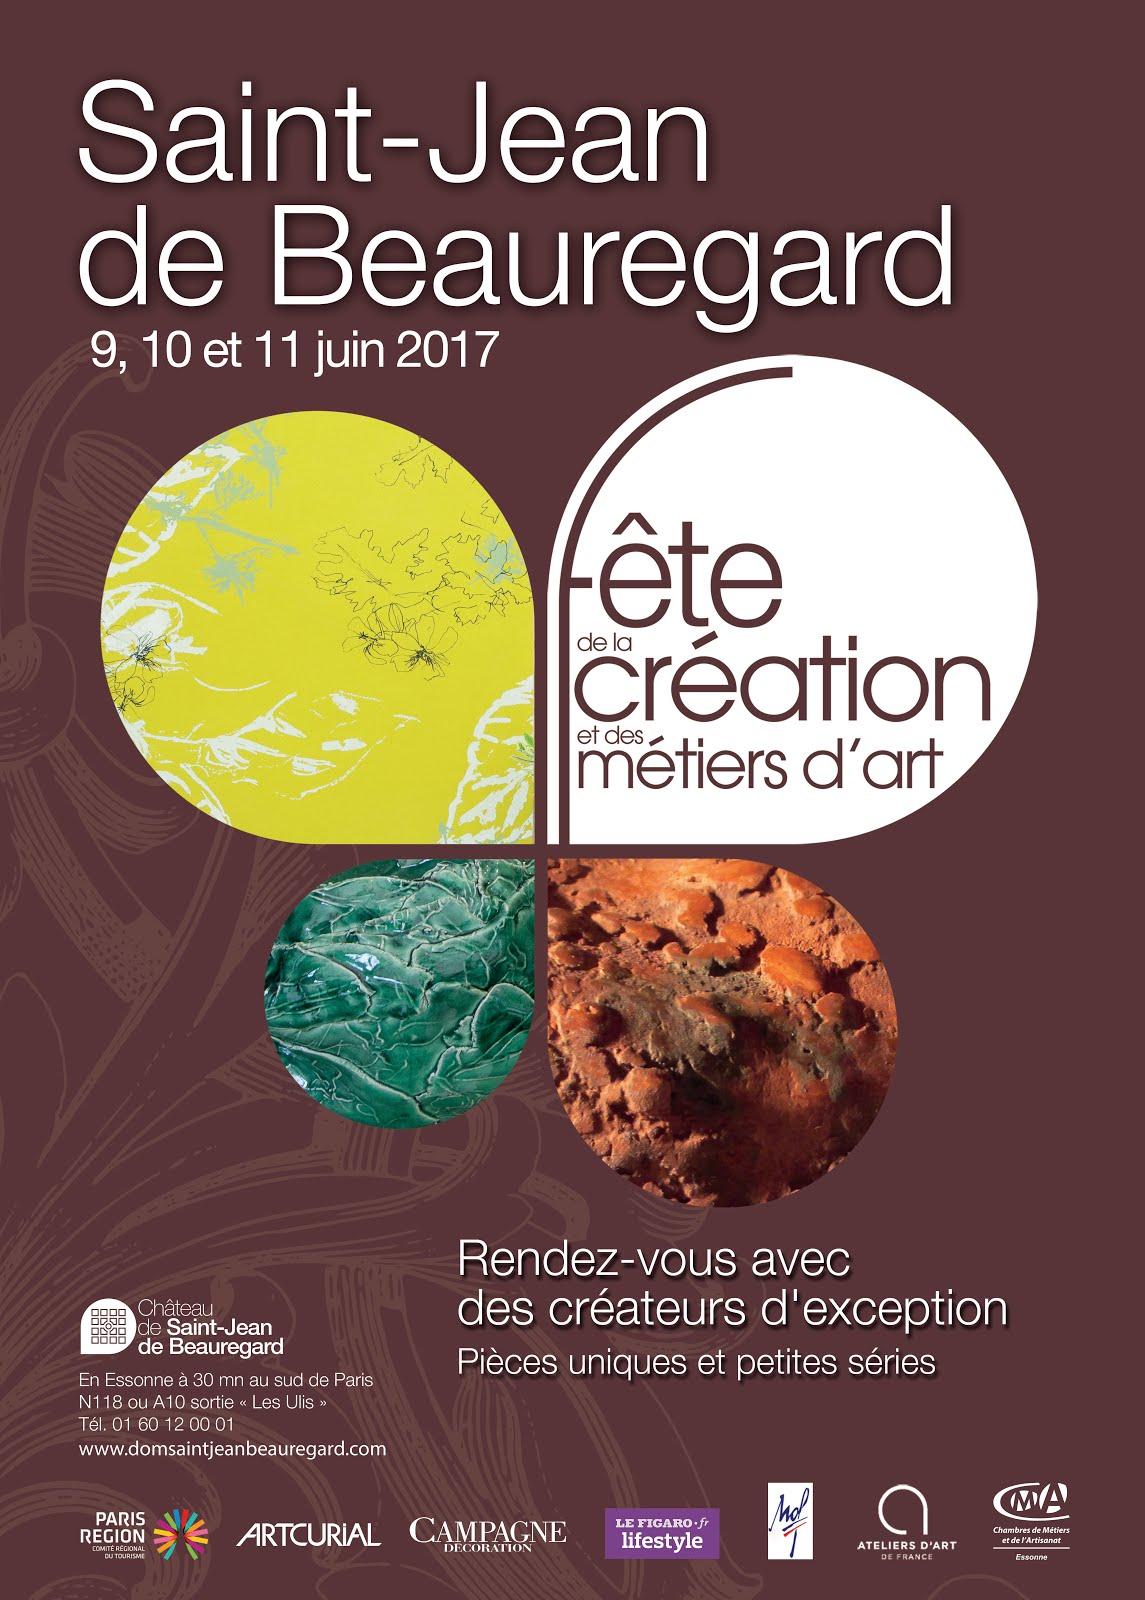 LES ARTISANS D'ART vous attendent au château de St Jean de Beauregard